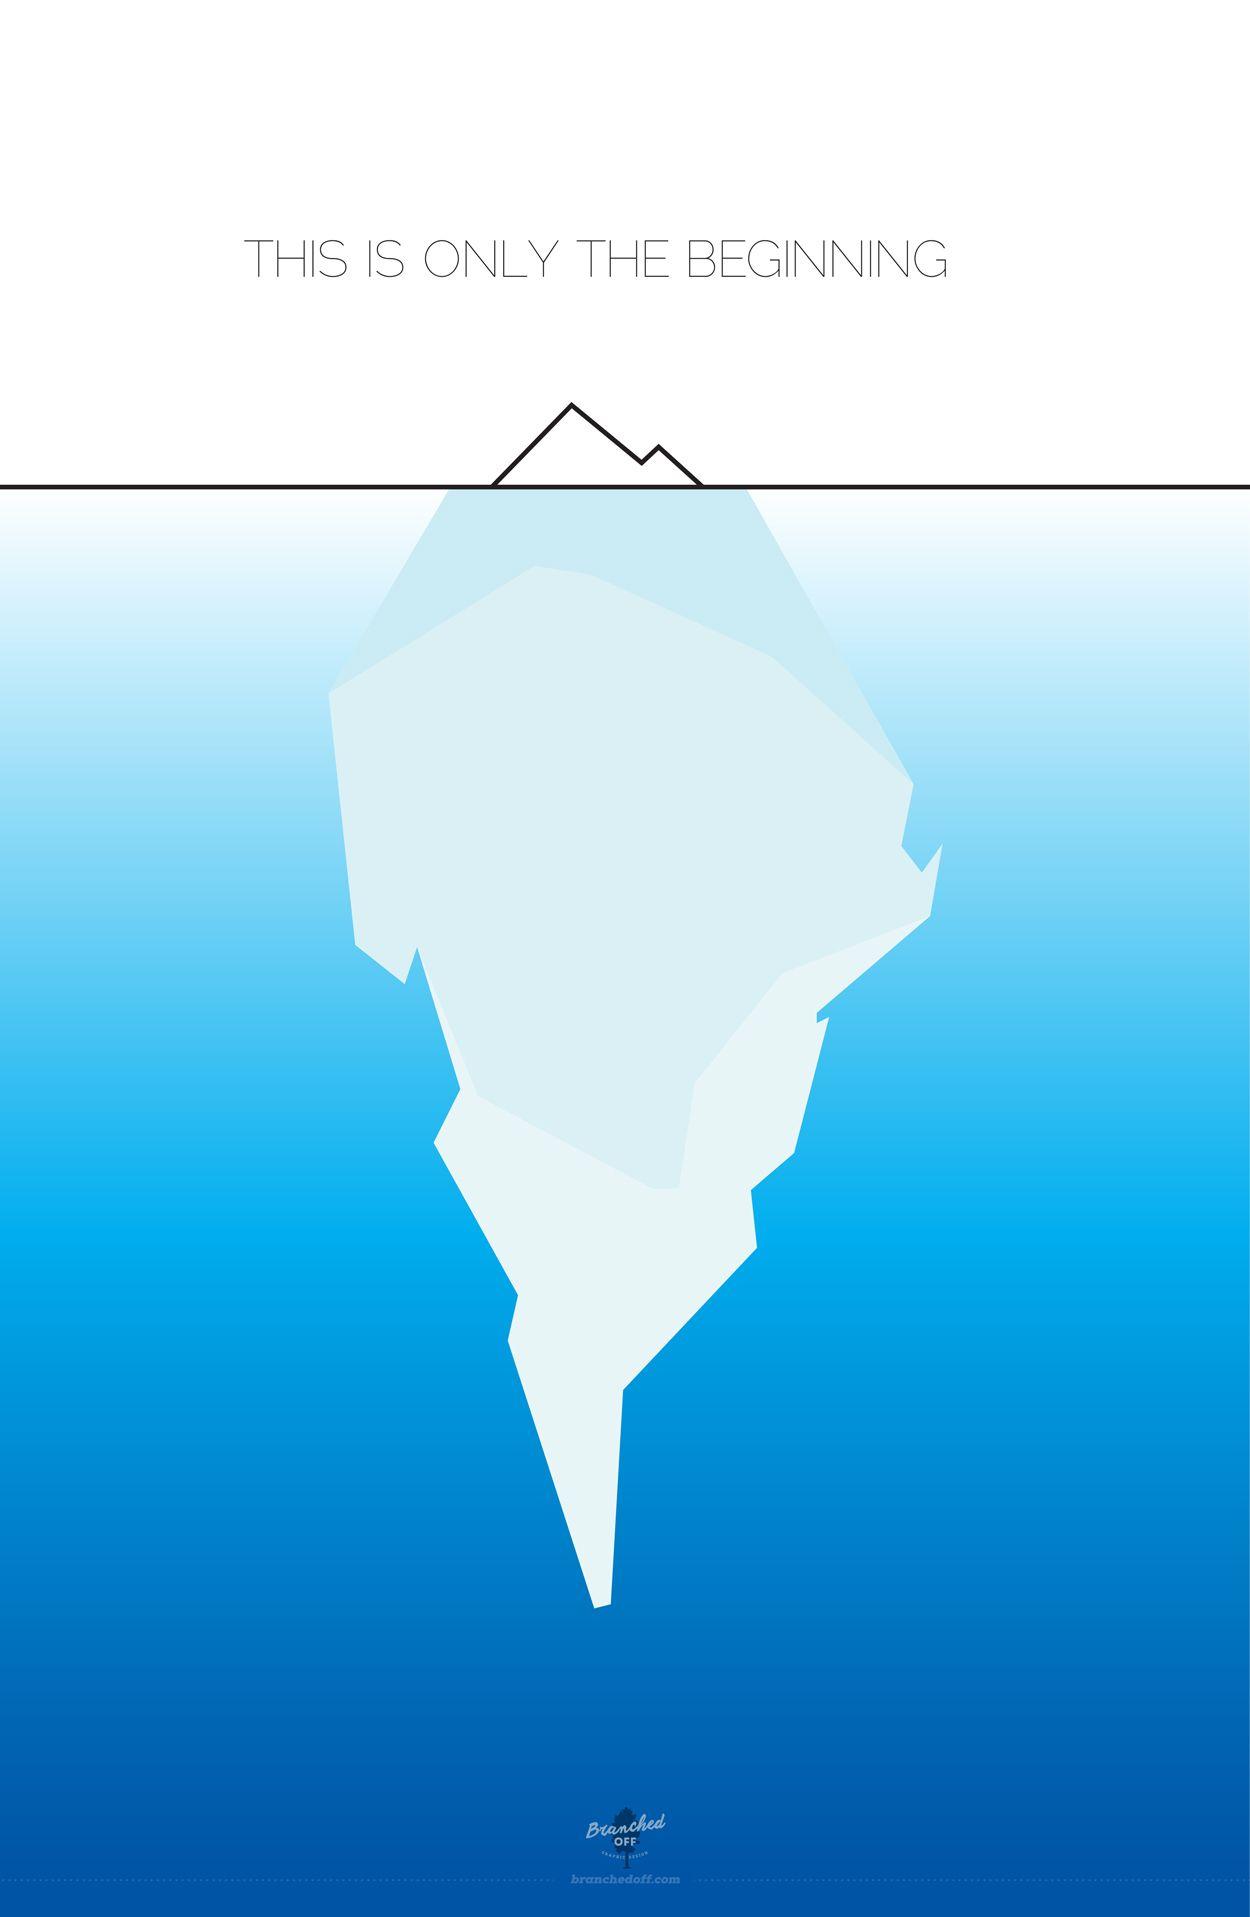 Tip Of The Iceberg.